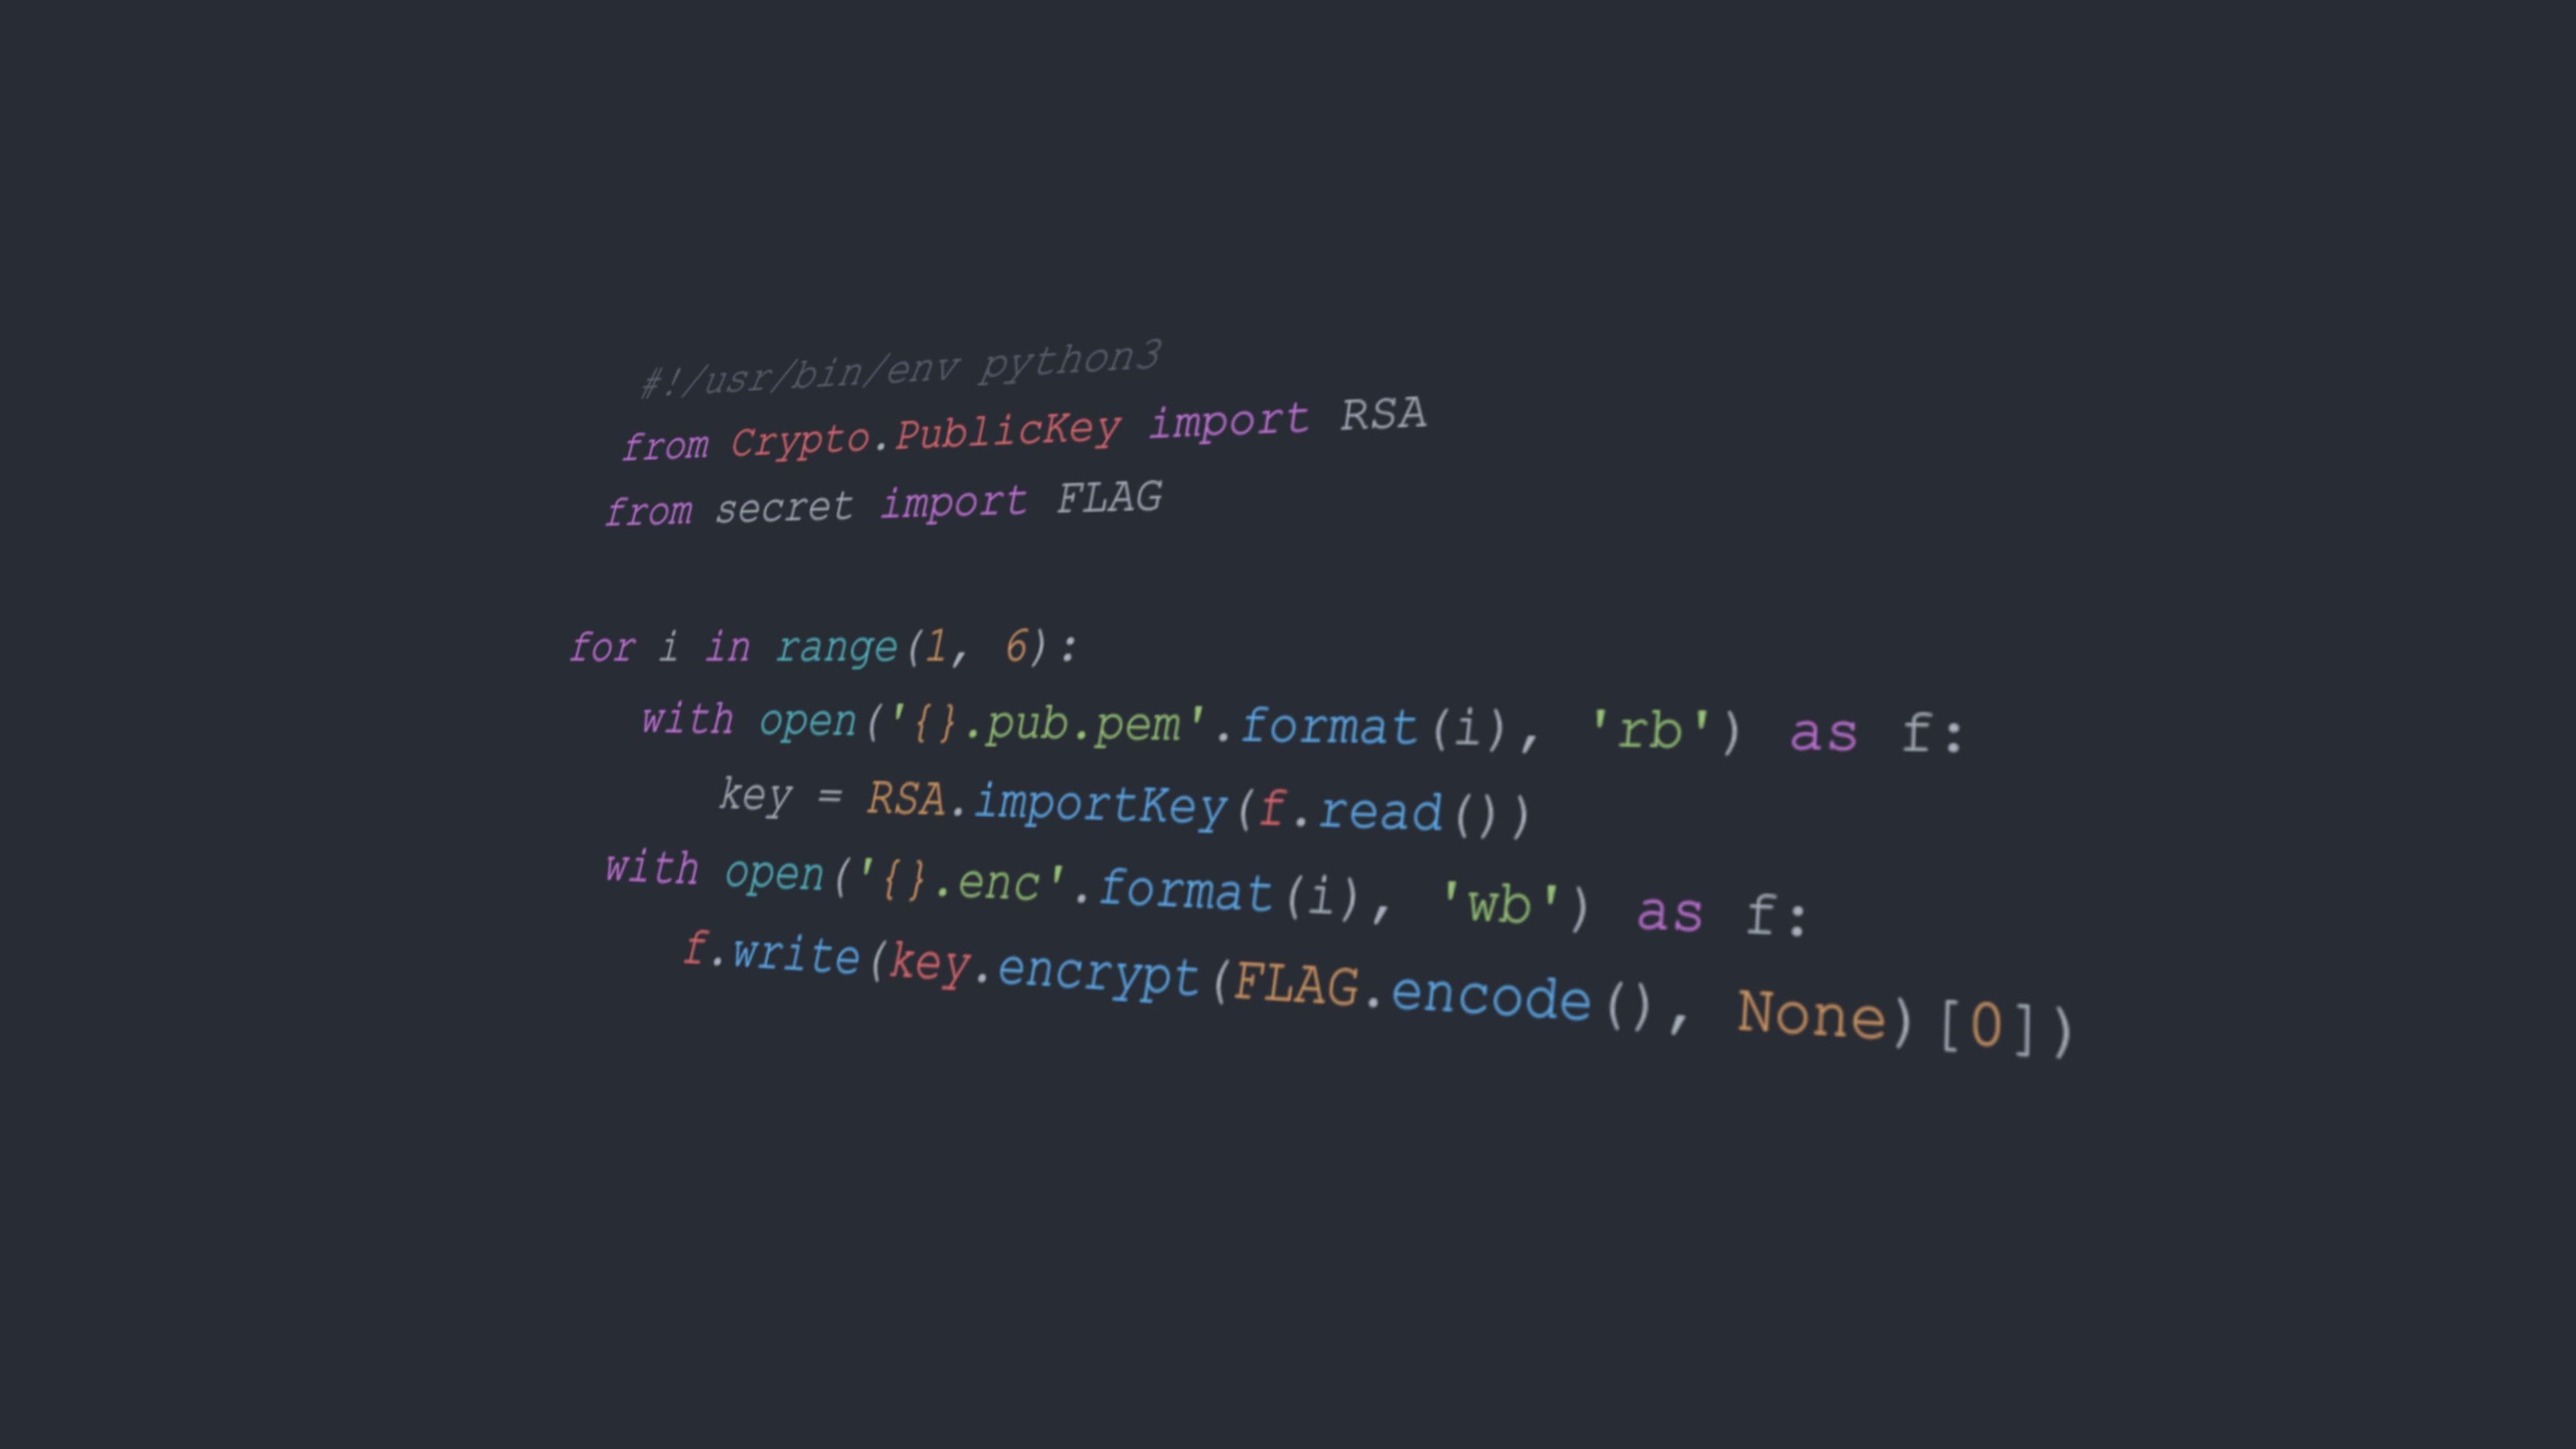 Les meilleurs livres pour apprendre Python 3 en 2021